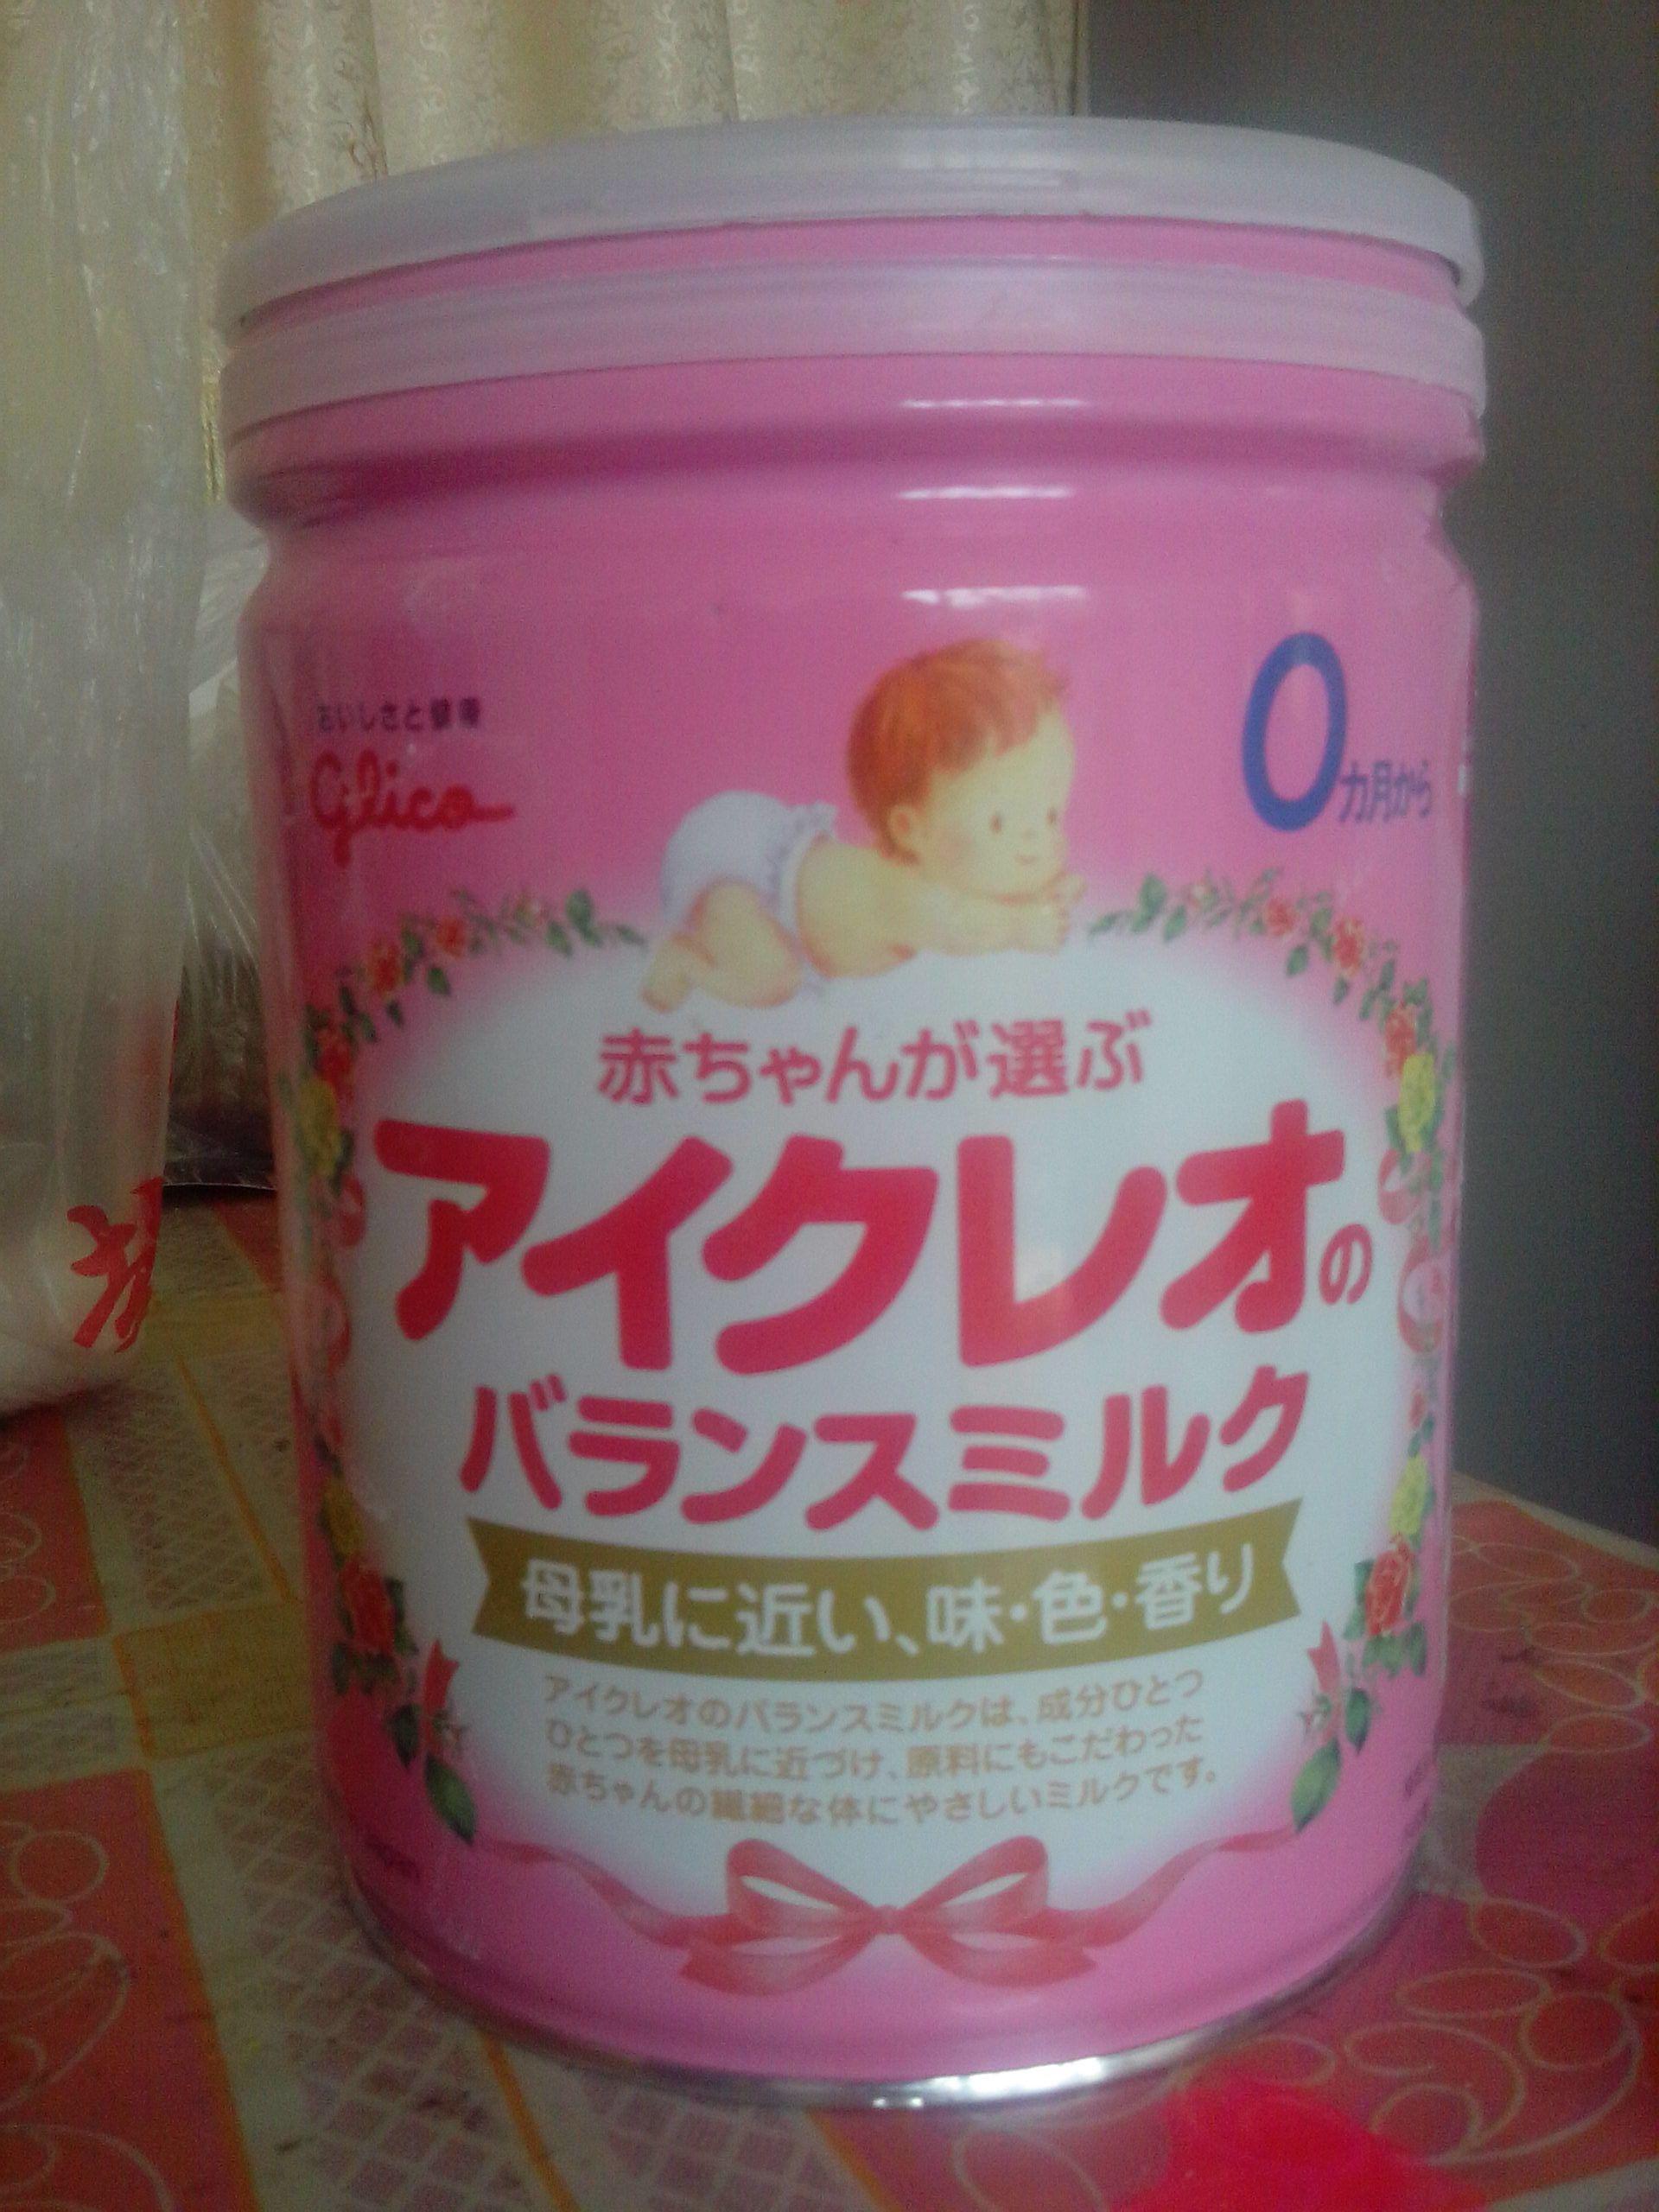 这个是日本什么牌子的奶粉?质量怎么样?